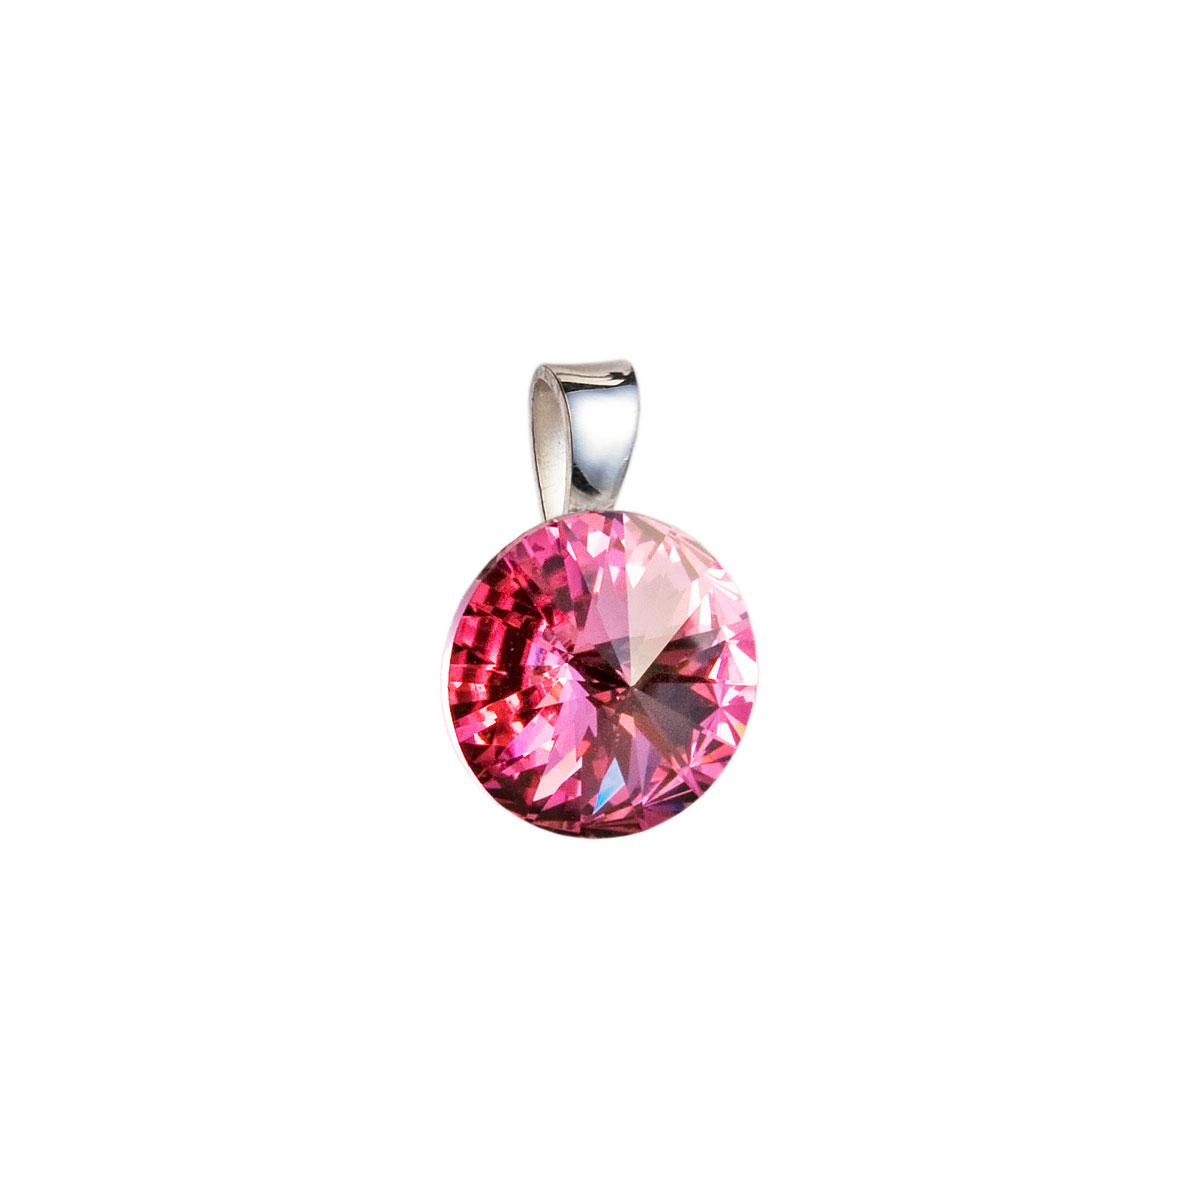 Evolution Group Stříbrný přívěsek s krystaly Swarovski růžový kulatý-rivoli 34112.3